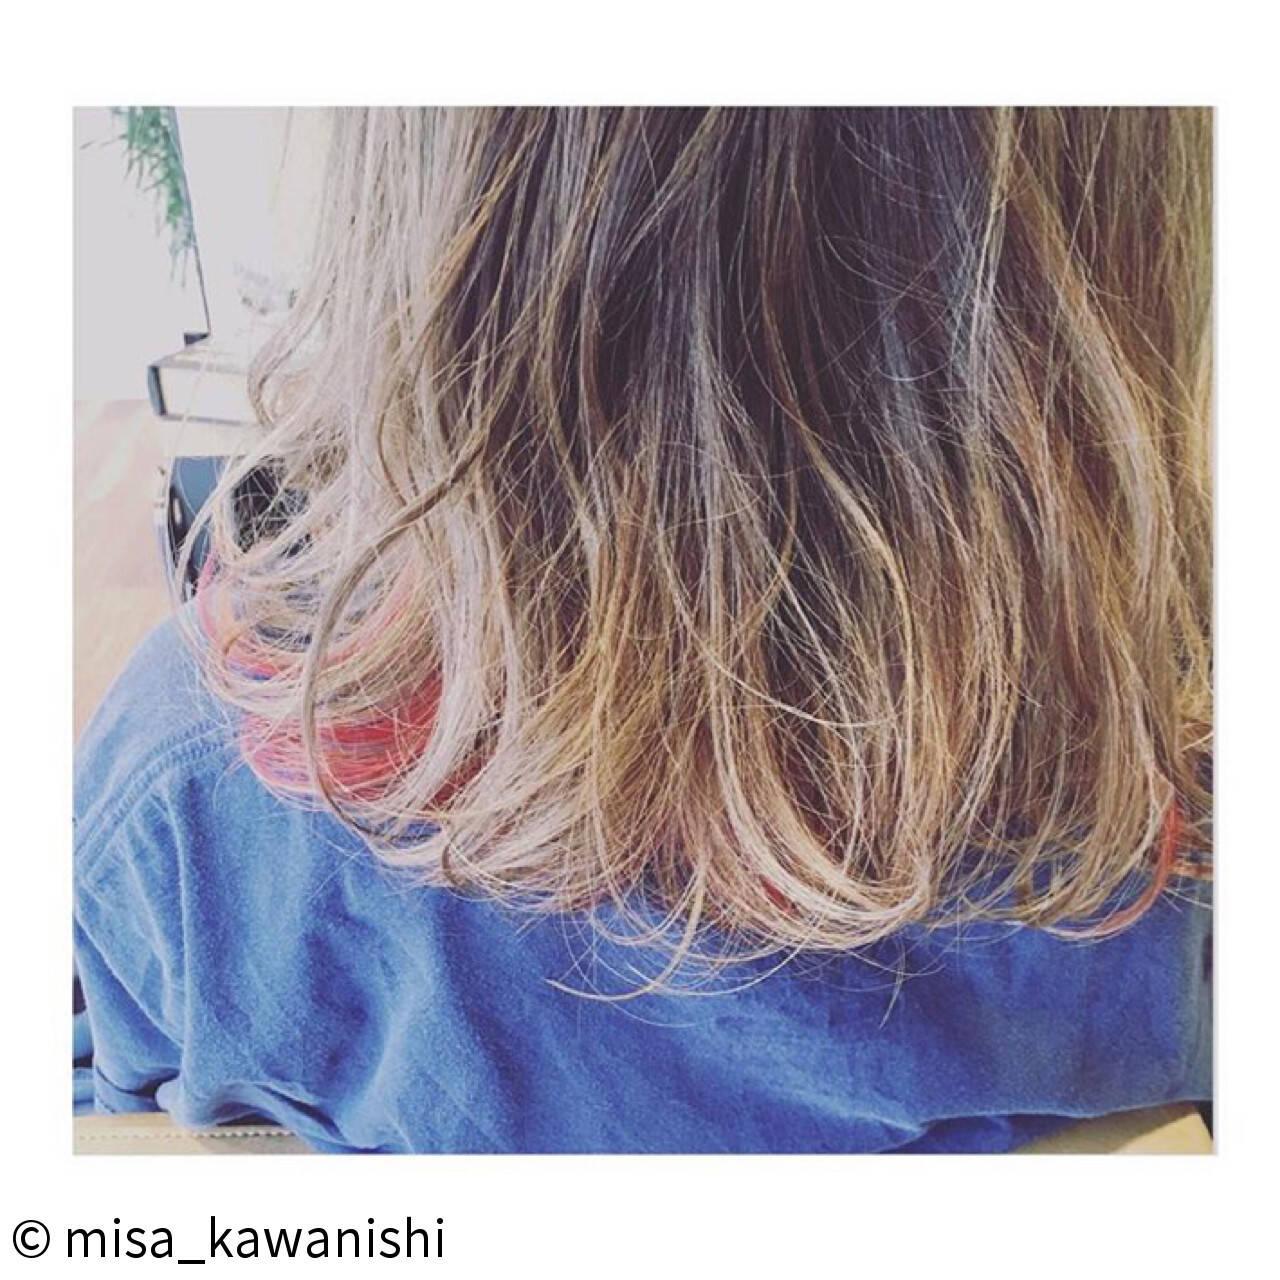 ハイトーン ピンク ウェーブ ハイライトヘアスタイルや髪型の写真・画像